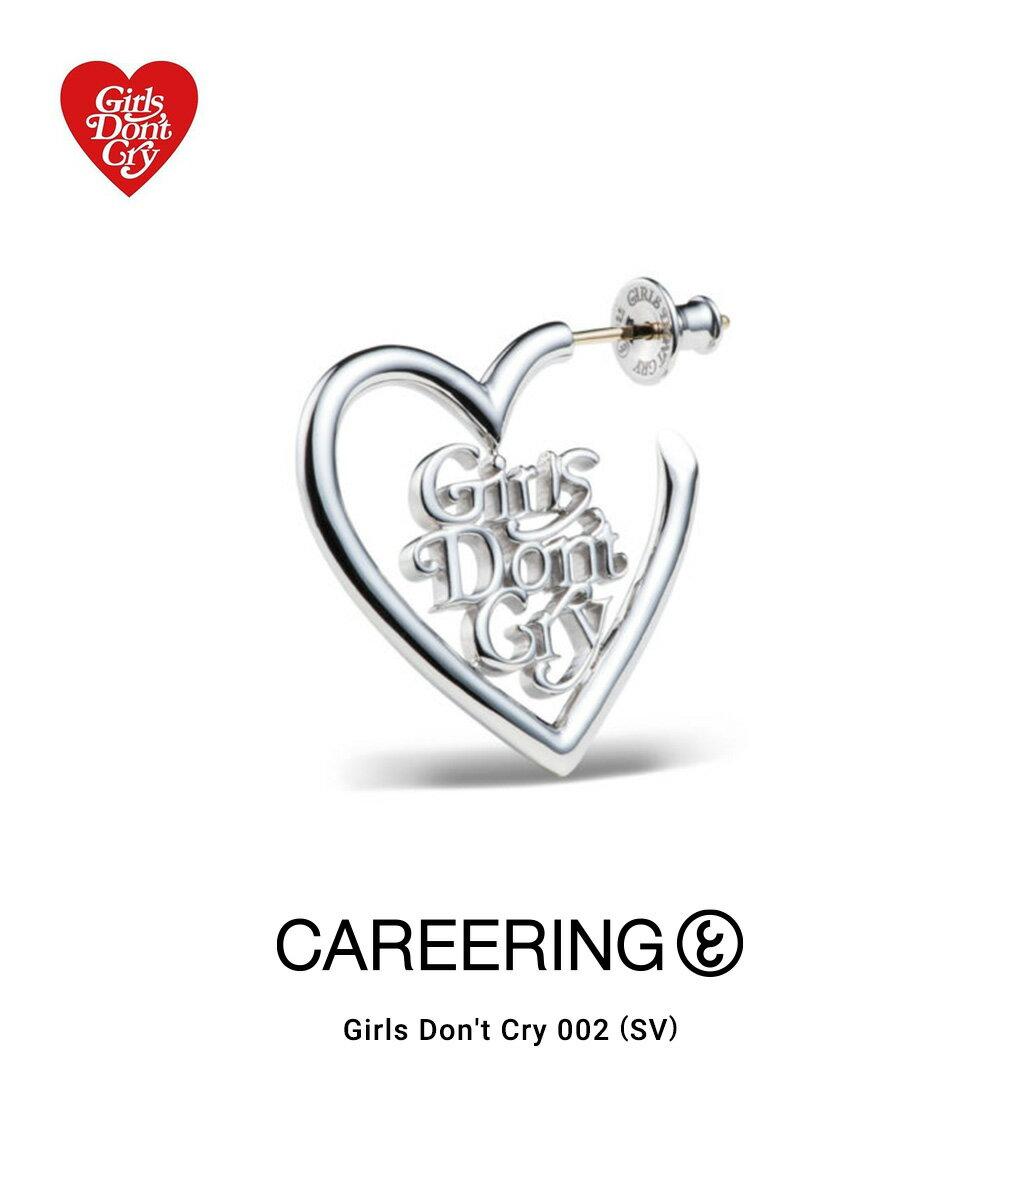 メンズジュエリー・アクセサリー, ピアス CAREERING Girls Dont Cry 002 (SV) GDC002 NOA